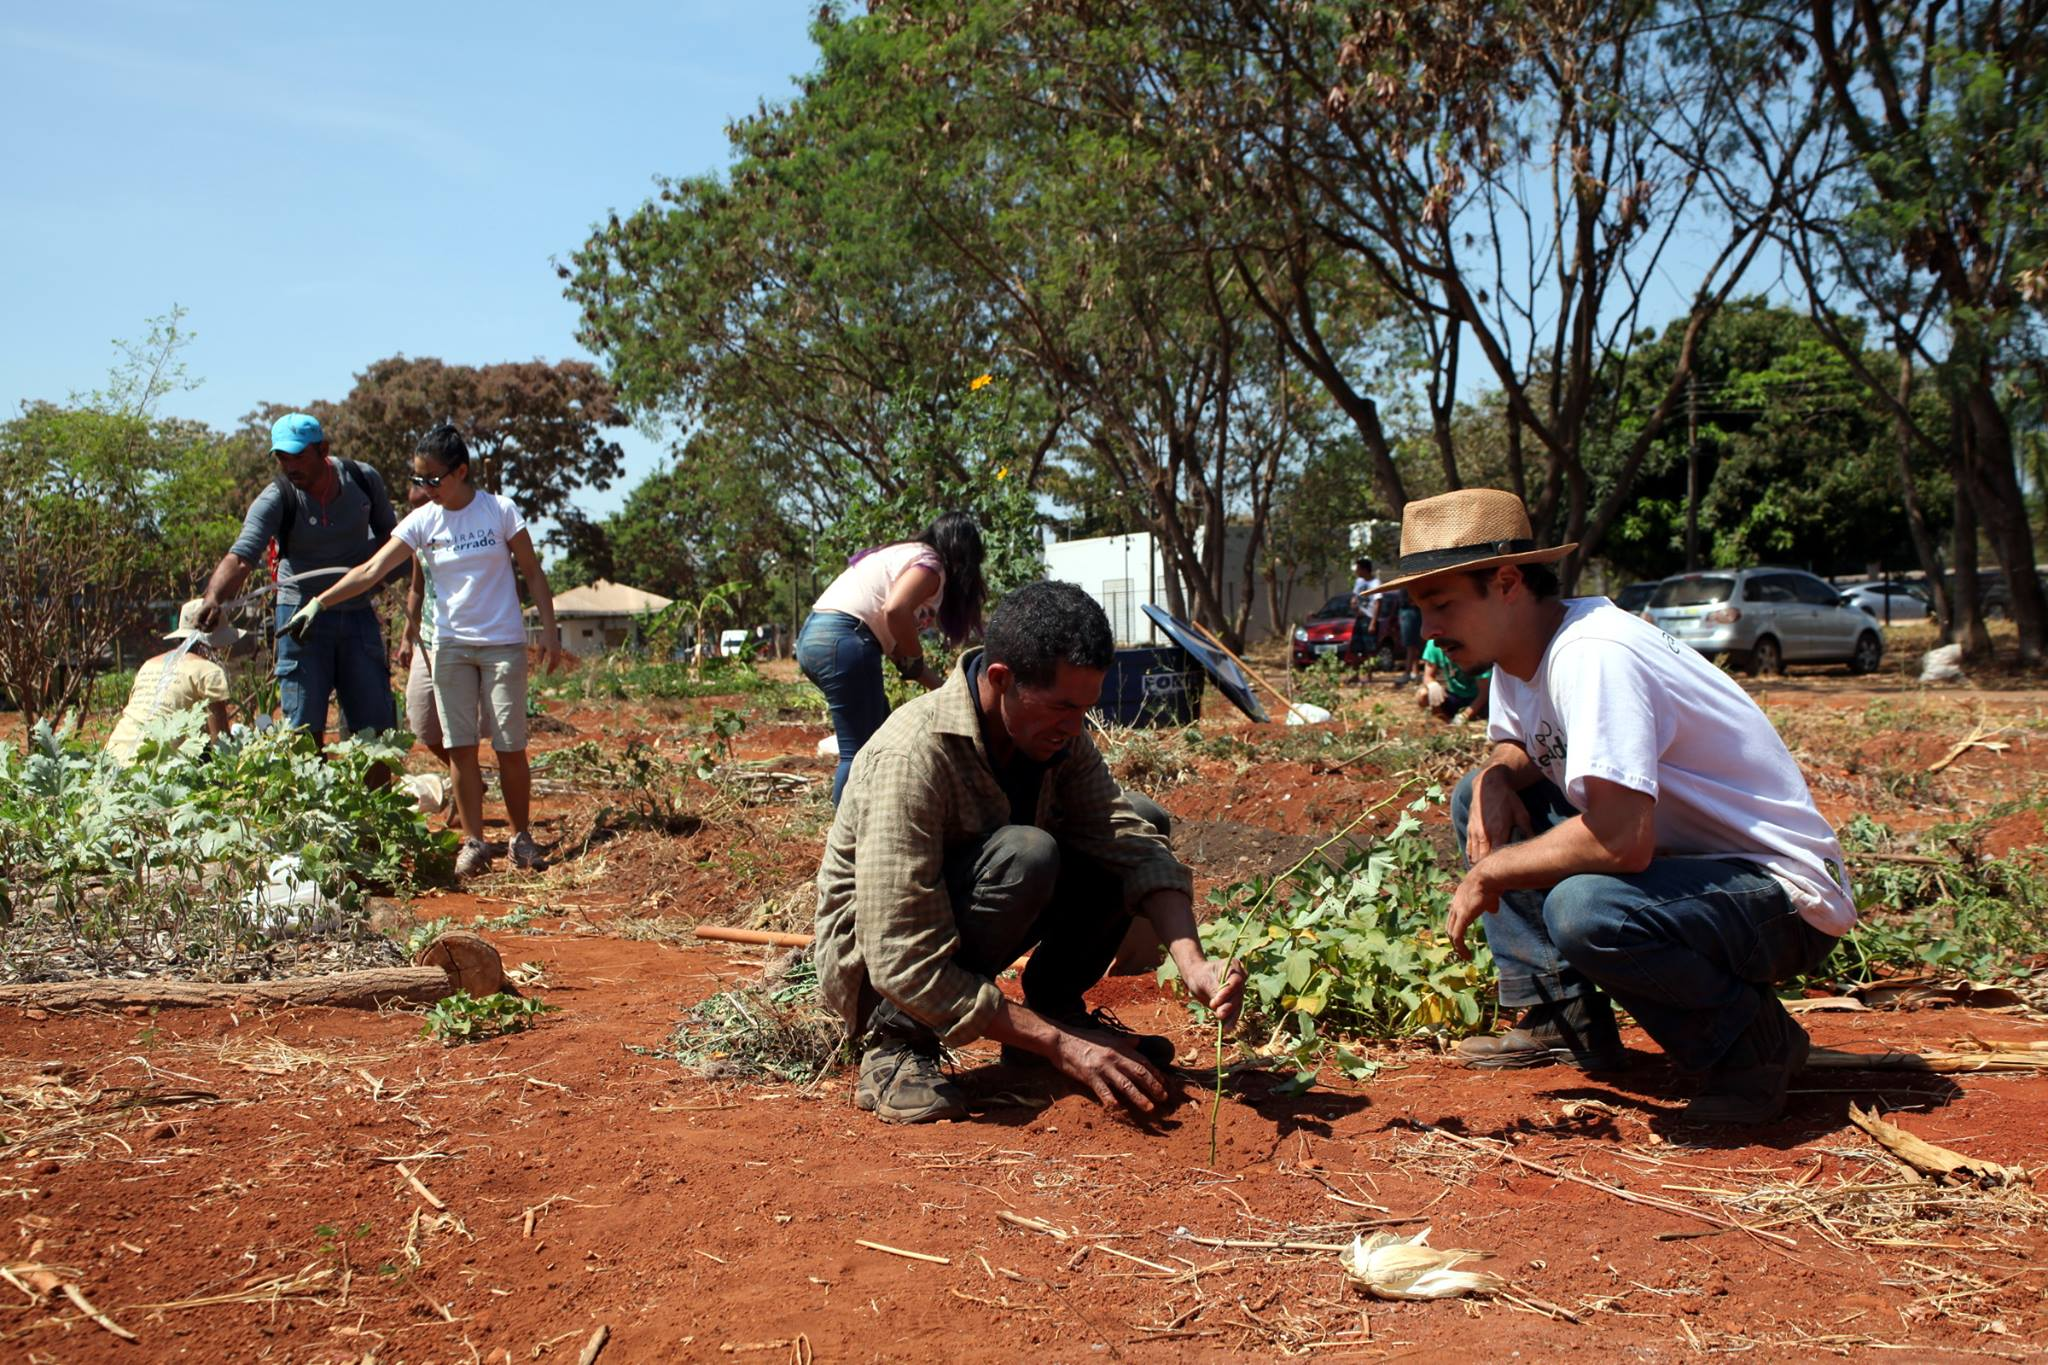 Projeto Equinócios: fortalecendo a dignidade humana por meio da agroecologia